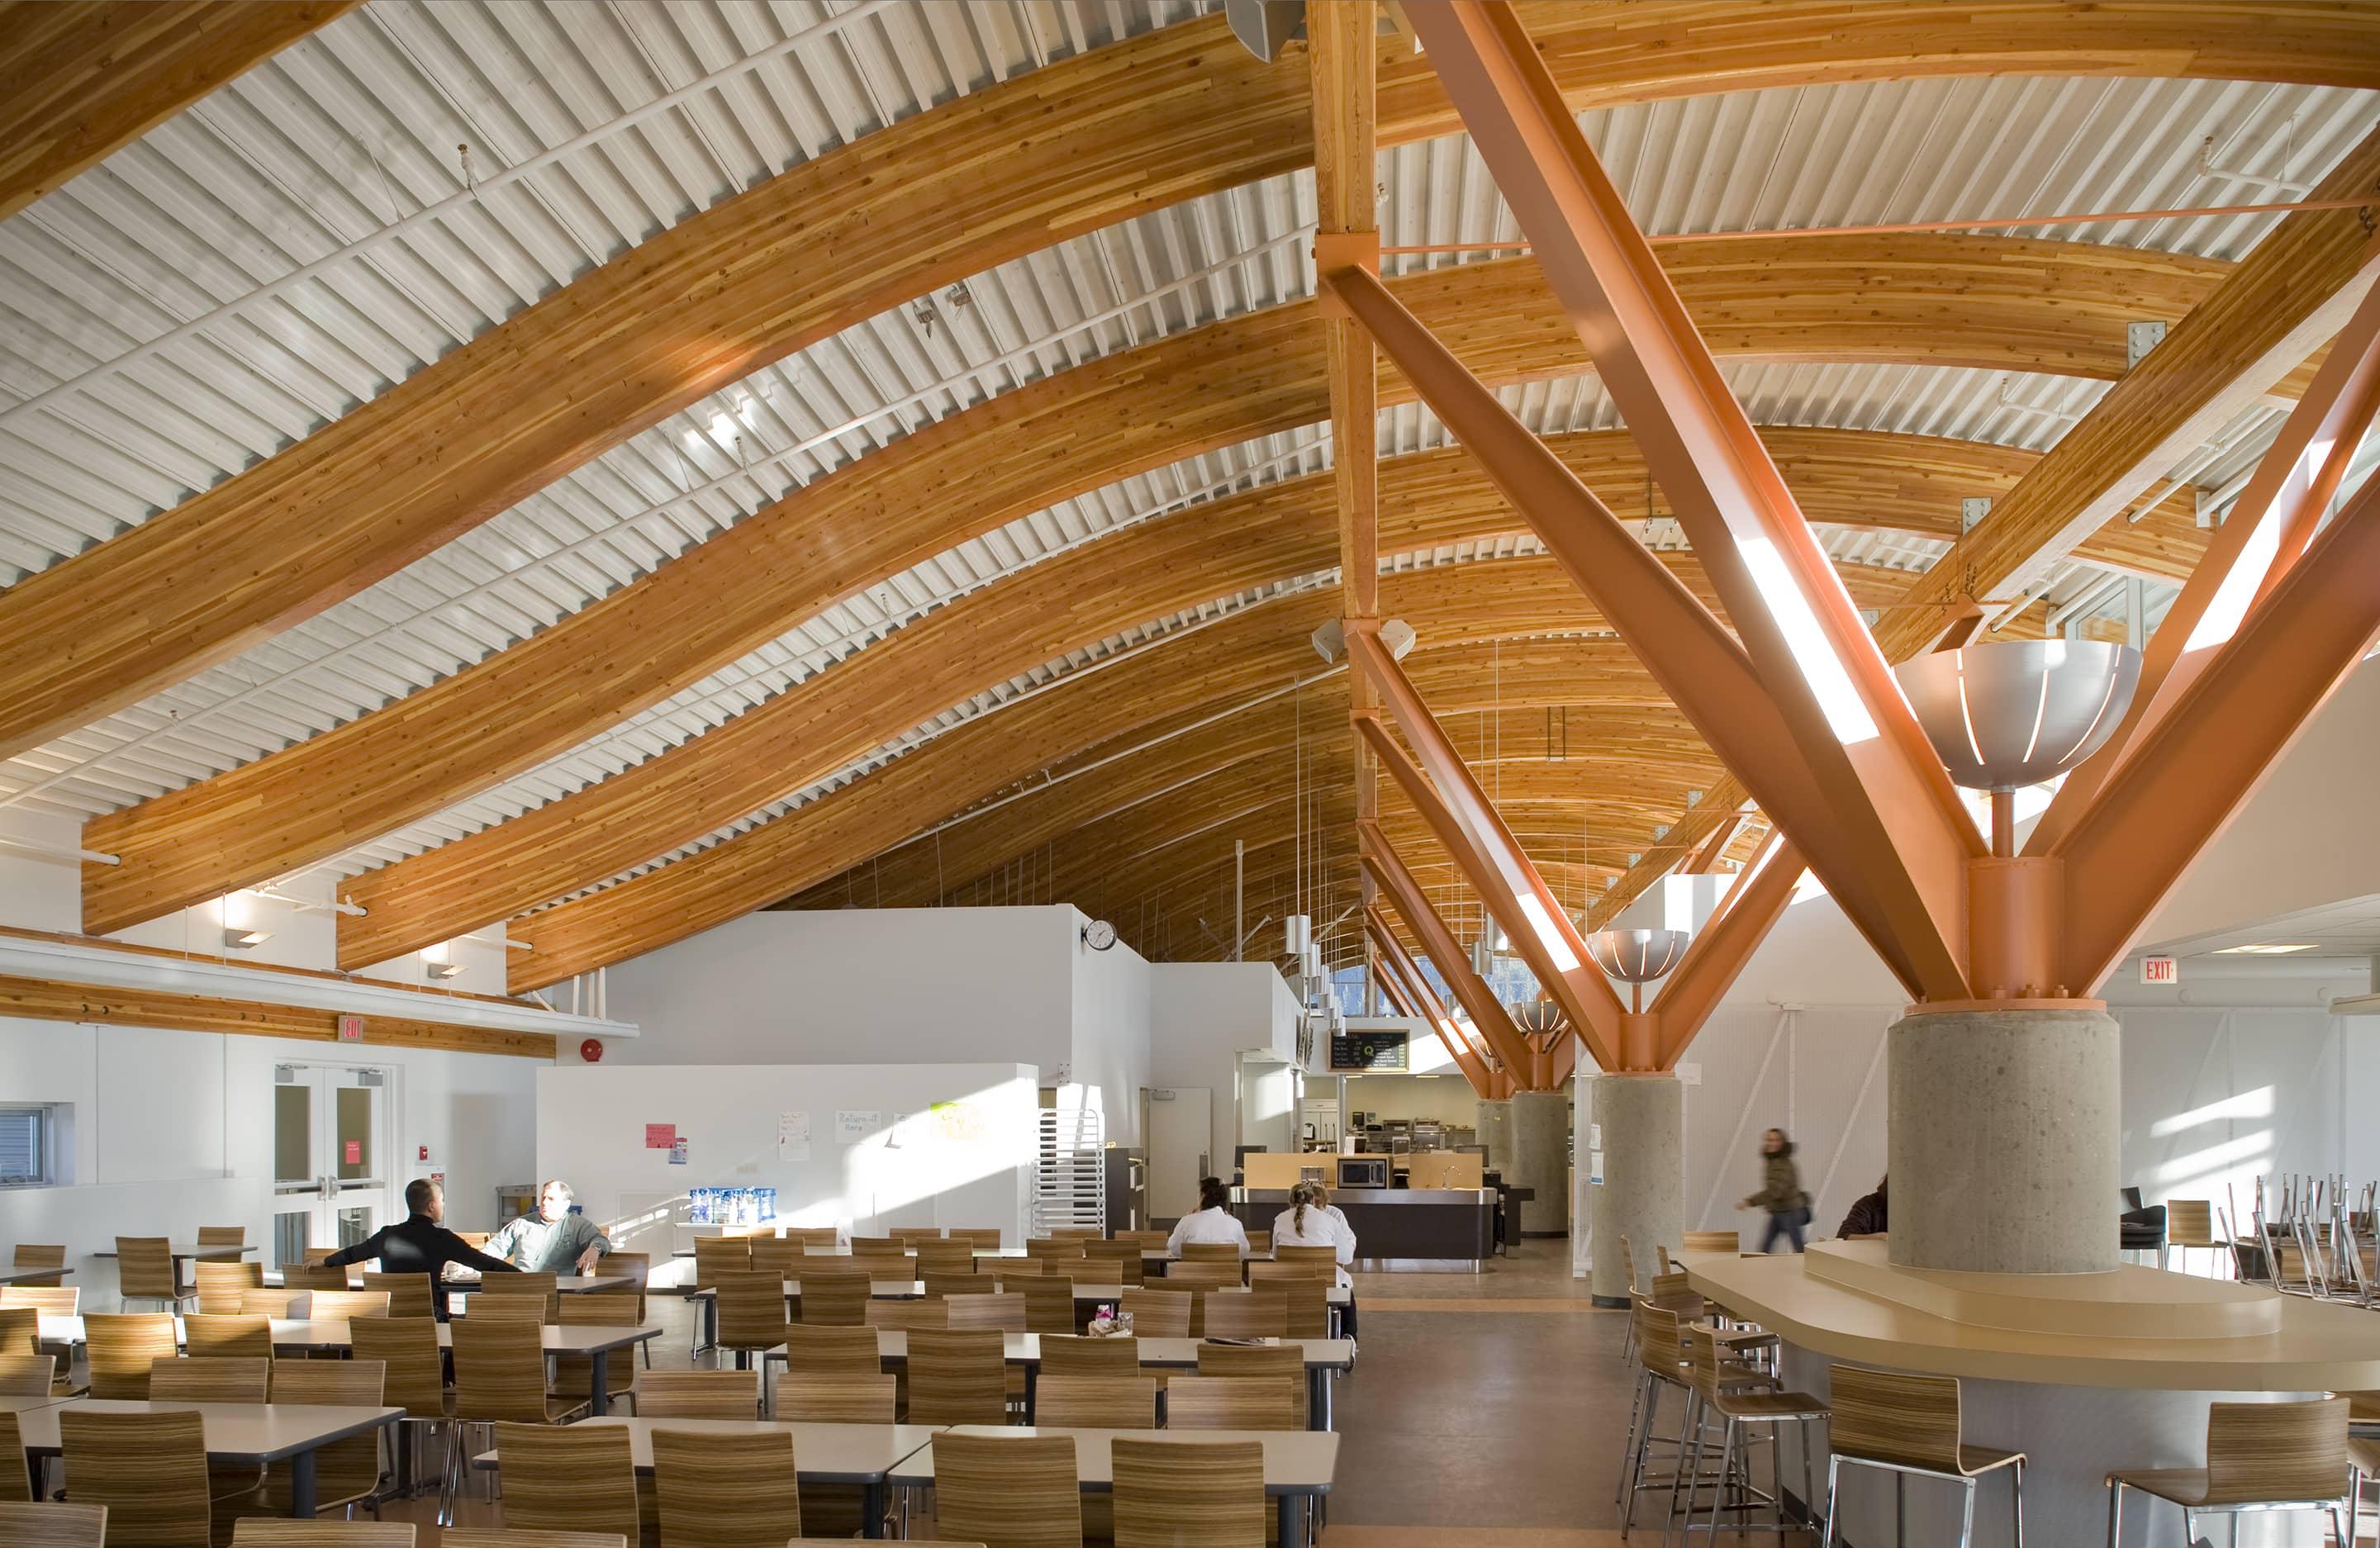 bbp quest university cafeteria